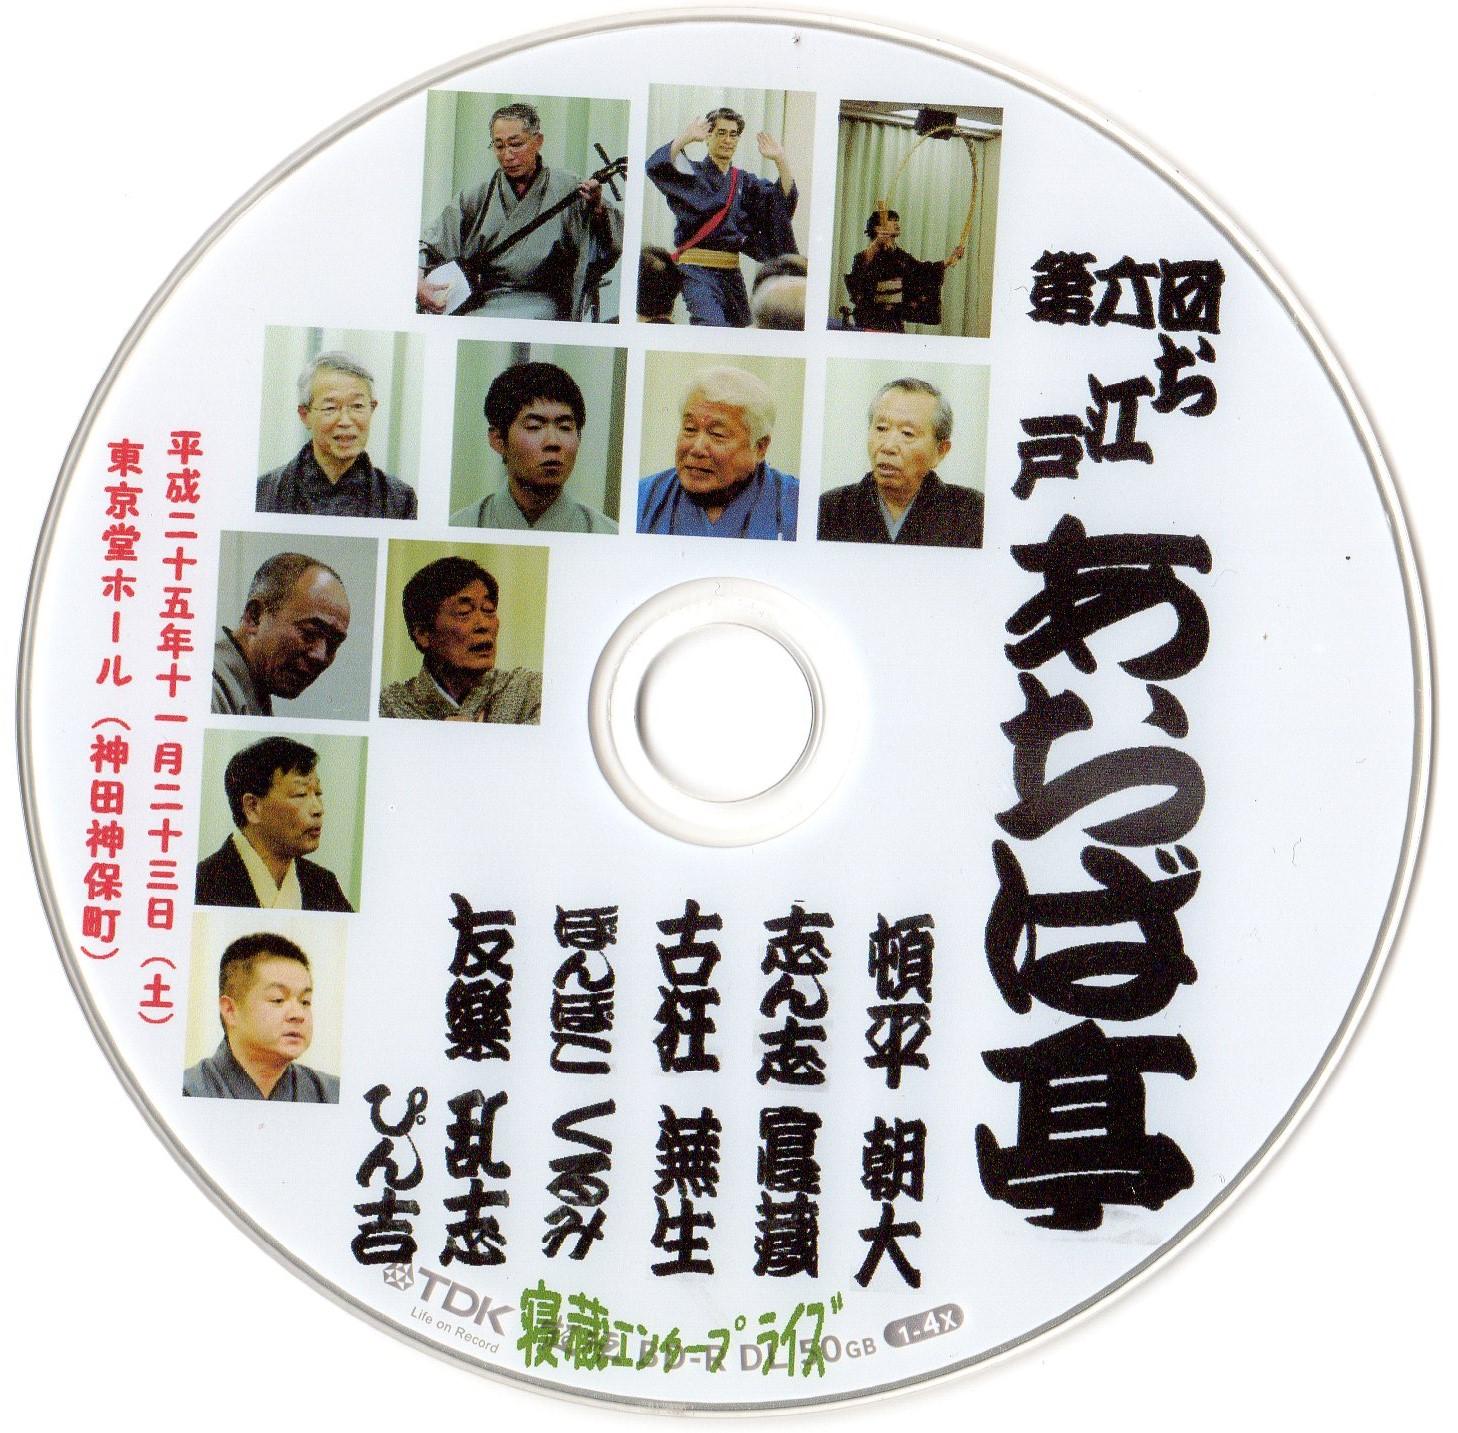 「お江戸あおば亭」鑑賞